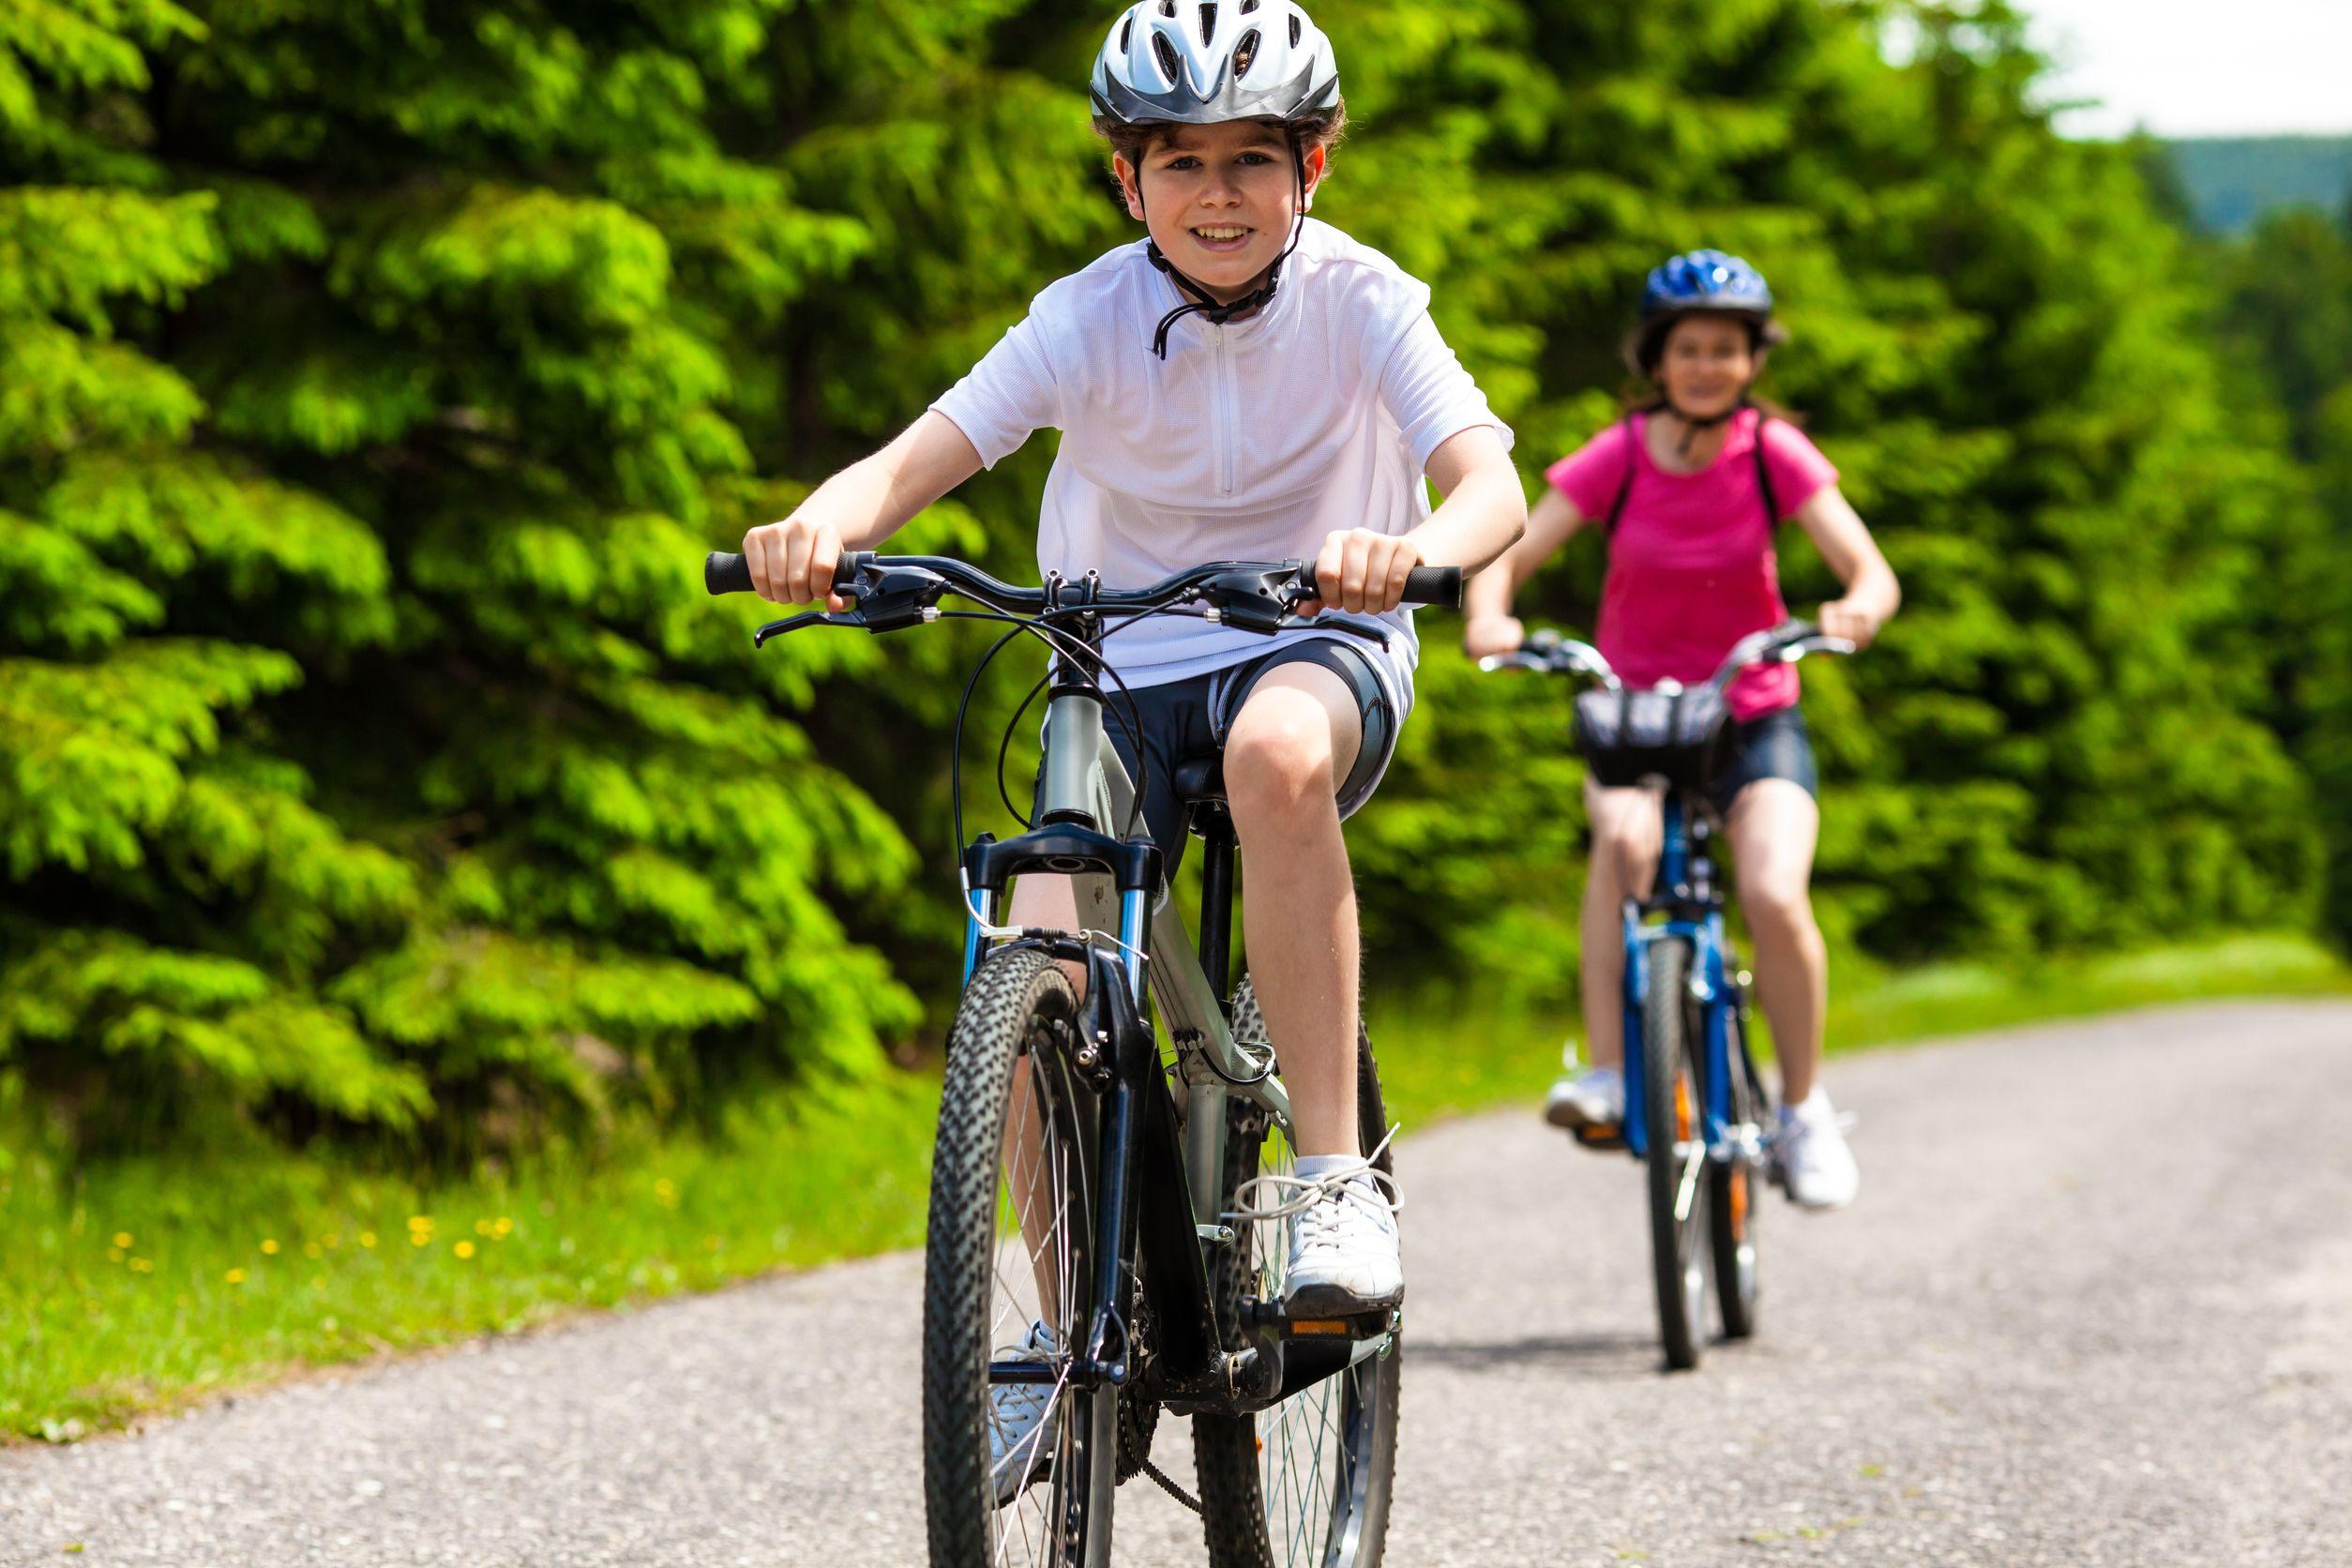 crianças pedalando com roupa de ciclismo